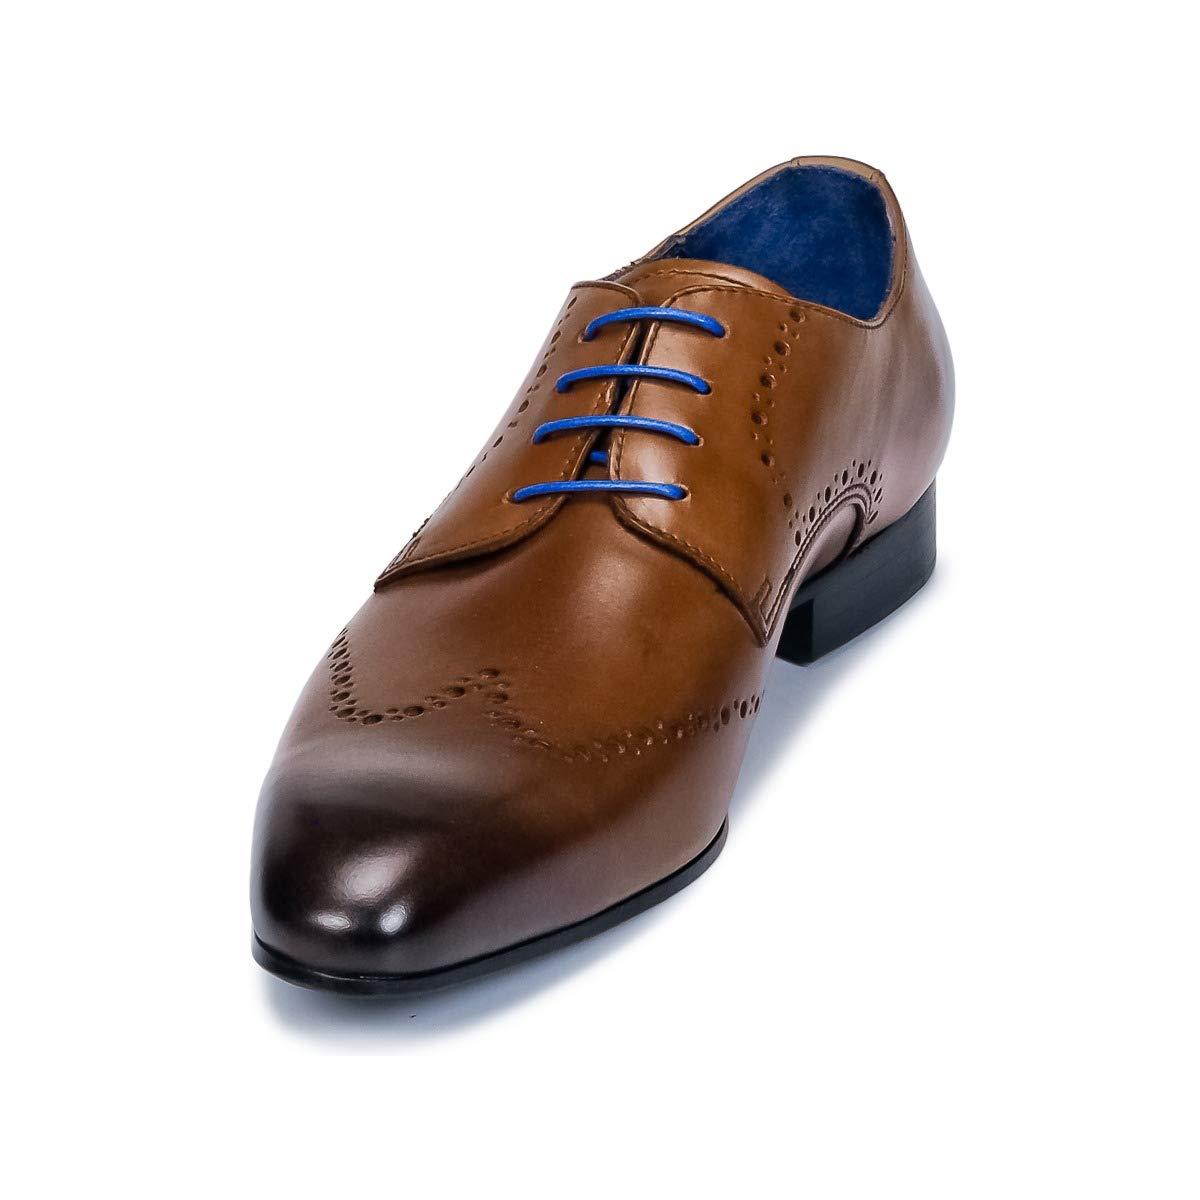 Carlington Carlington Carlington FRUTO Derby-Schuhe & Richelieu Herren Braun Derby-Schuhe ca24d1